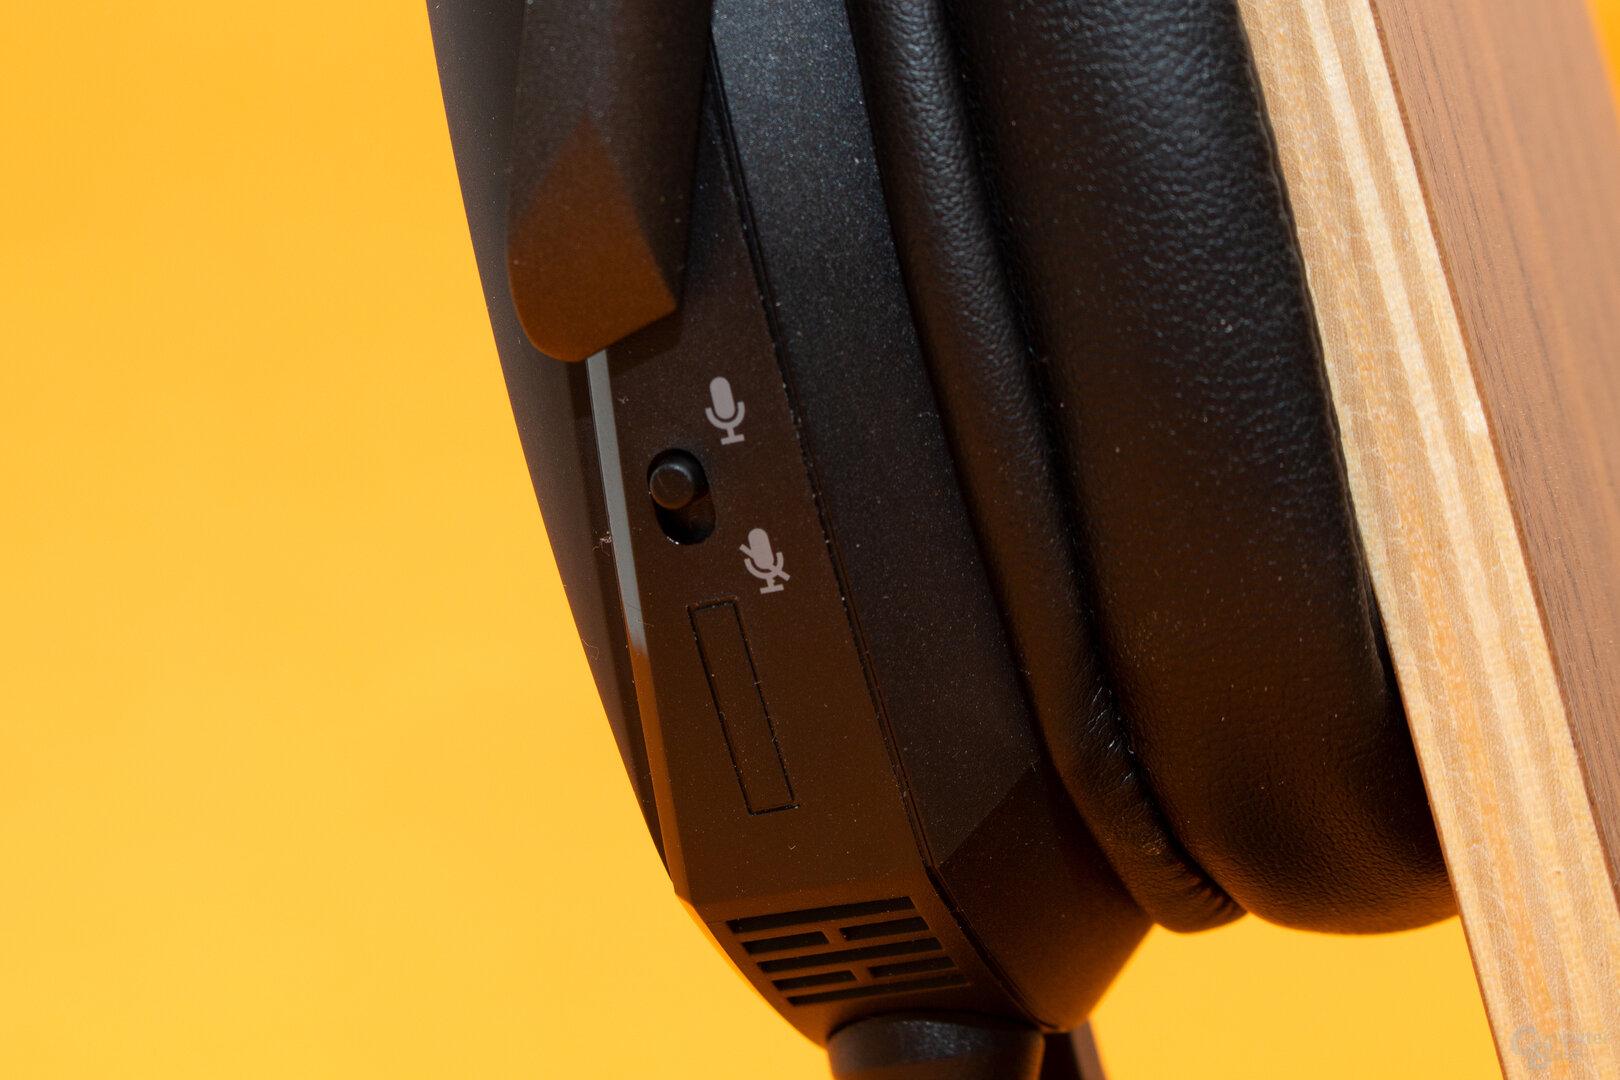 Die Stummschaltung des Mikrofons als einziges Bedienelement am Headset